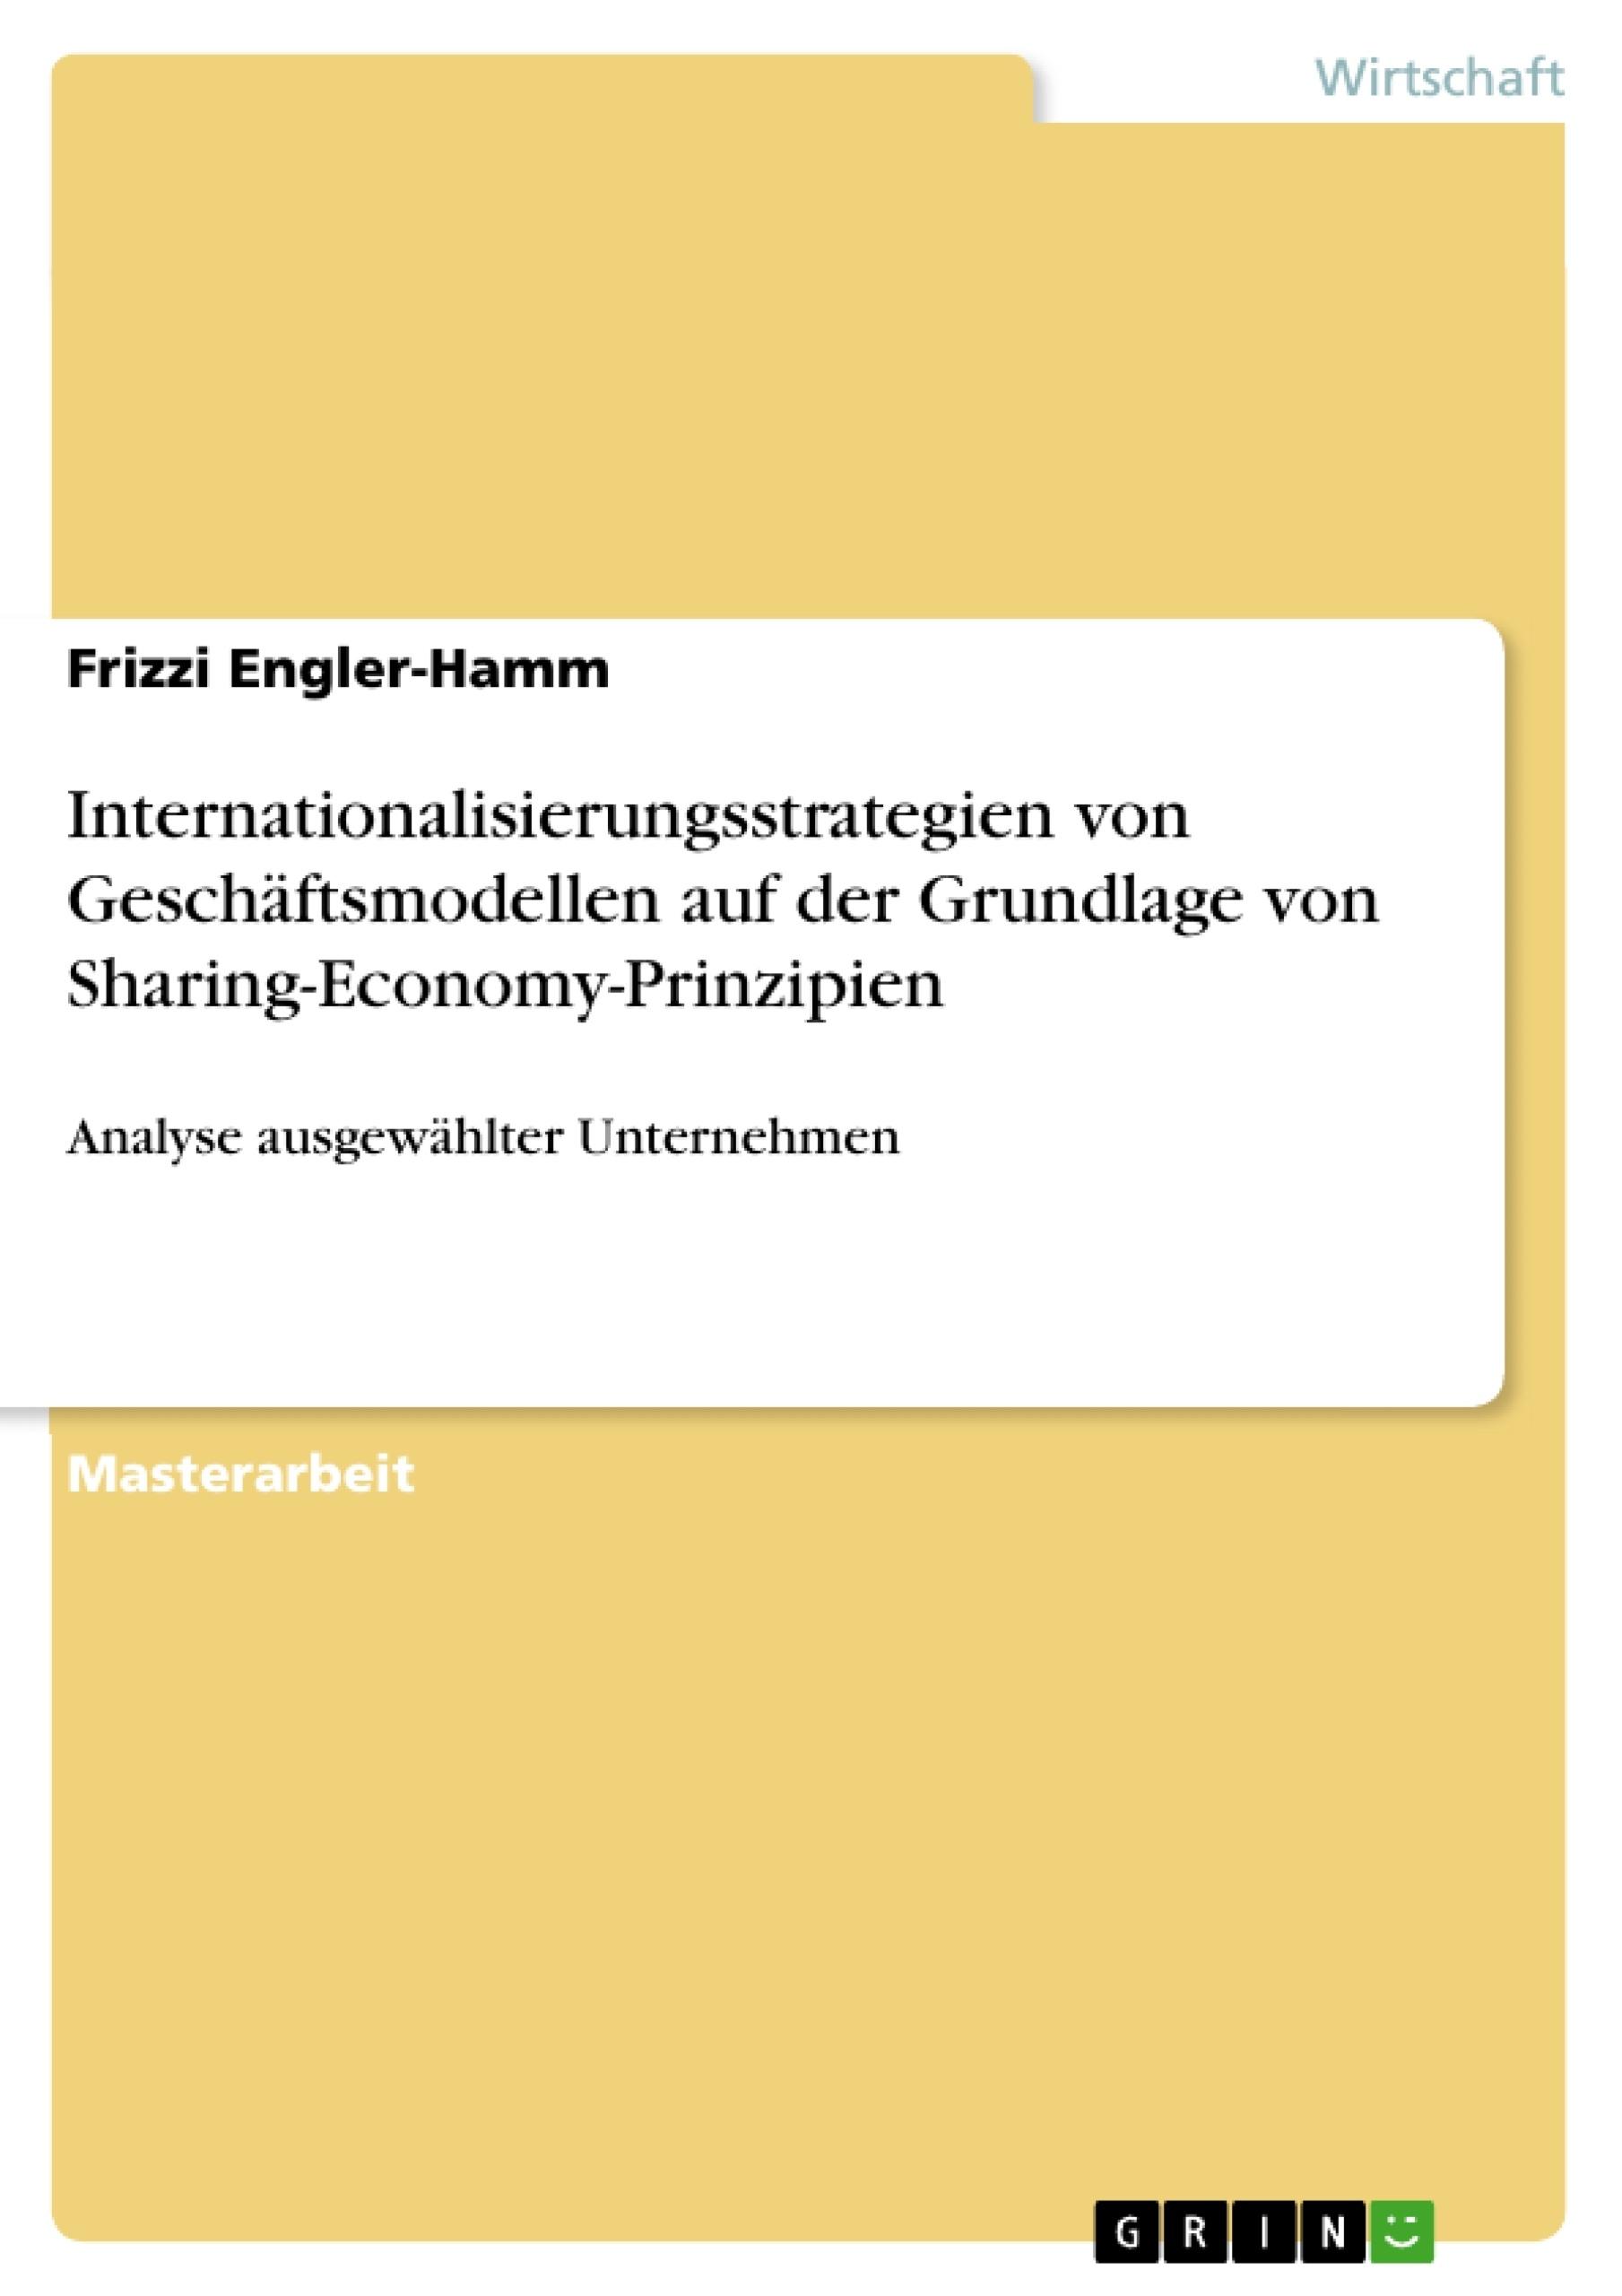 Titel: Internationalisierungsstrategien von Geschäftsmodellen auf der Grundlage von Sharing-Economy-Prinzipien